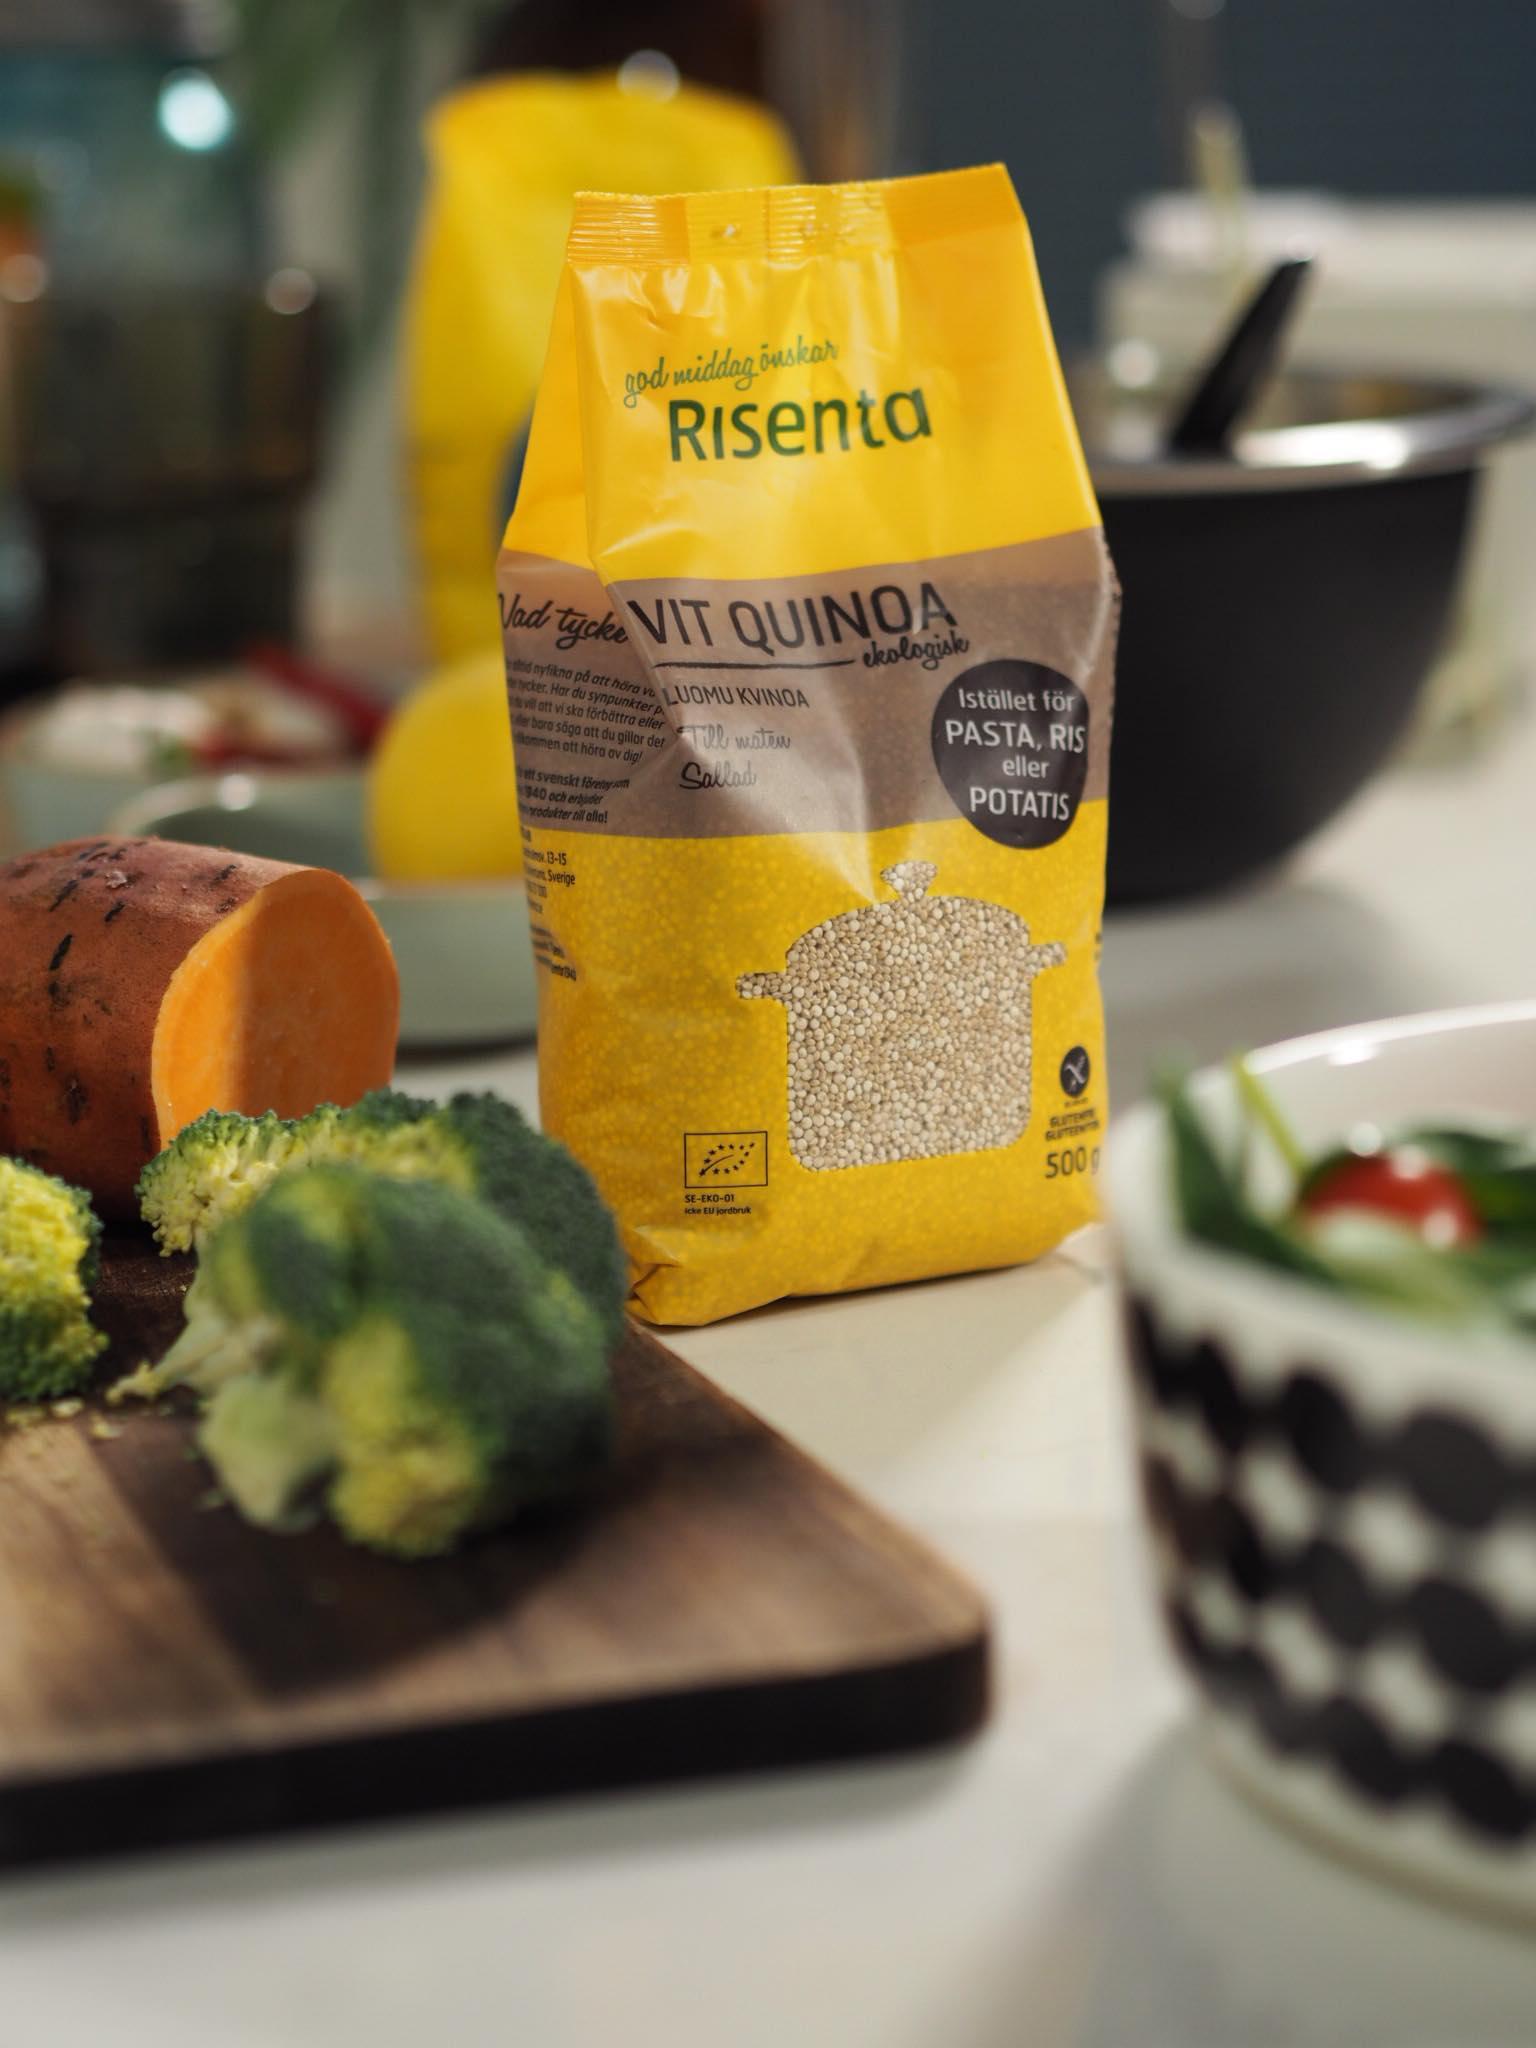 Risentan kvinoa   on luomua! <3 Katso kokkailu ja Mamma Mian 6. jakso   täältä!